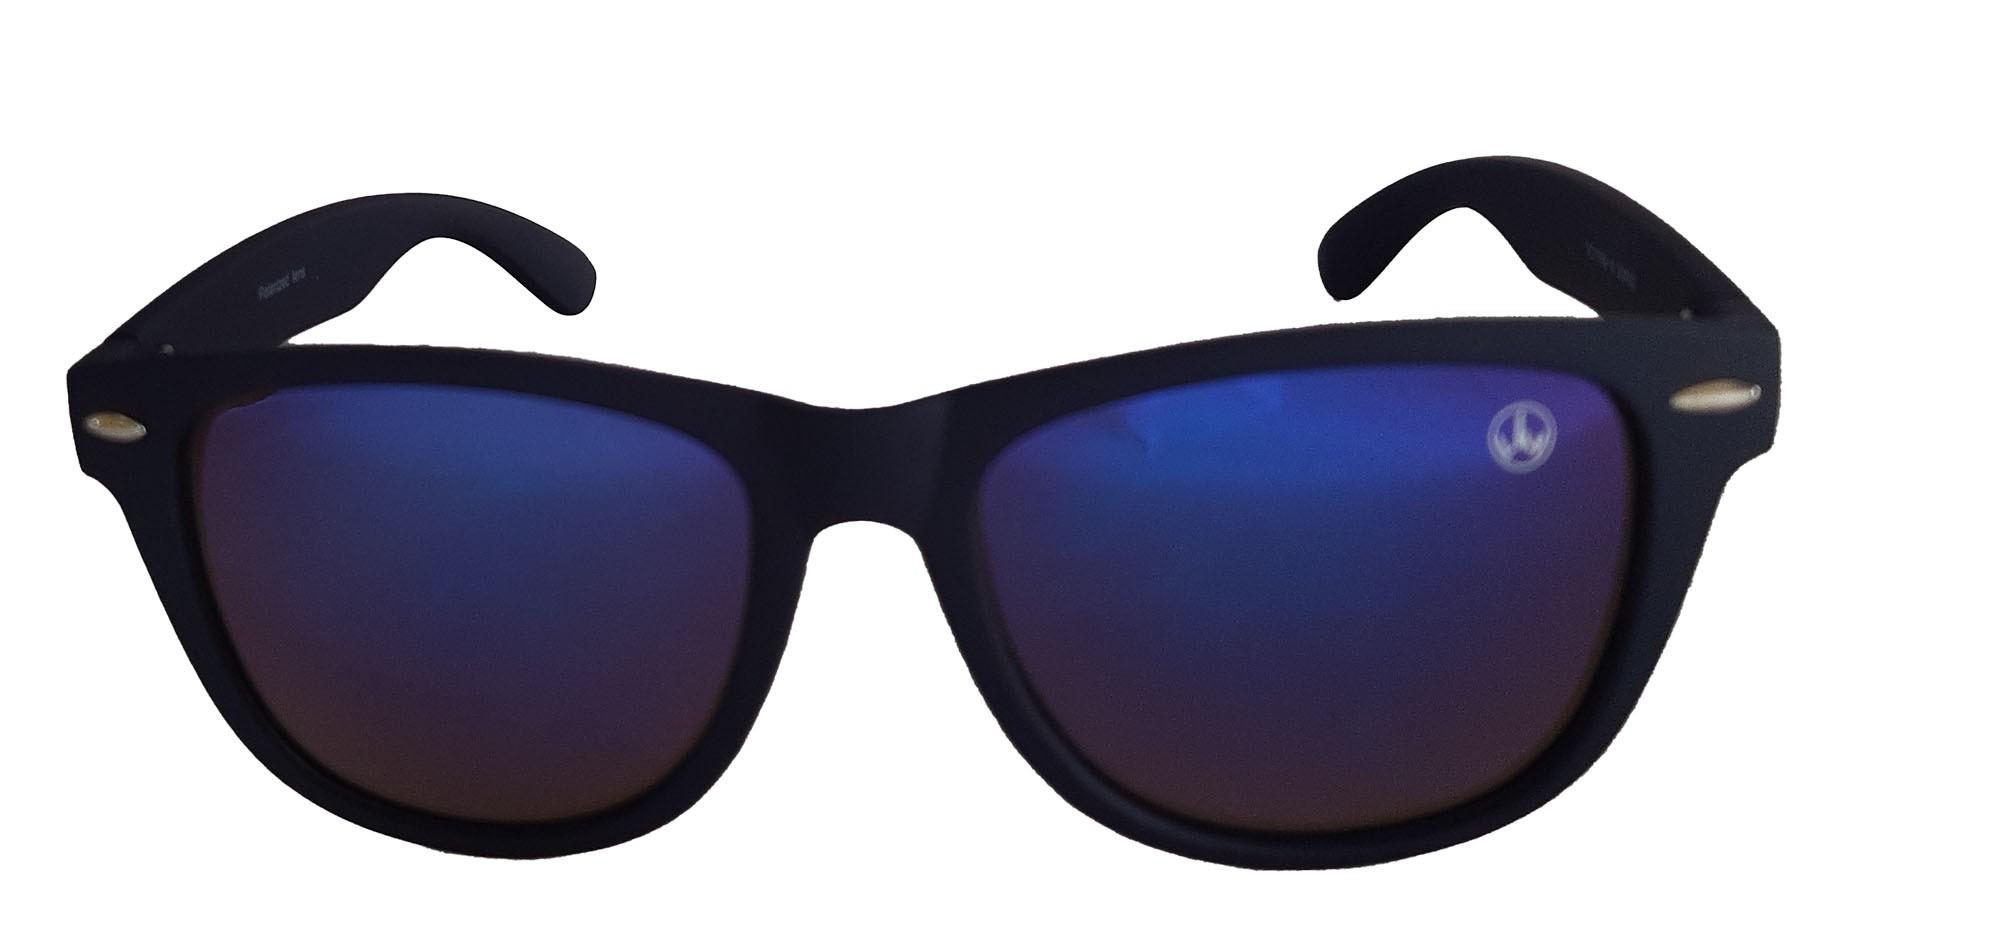 Óculos de sol polarizado Lucky1168